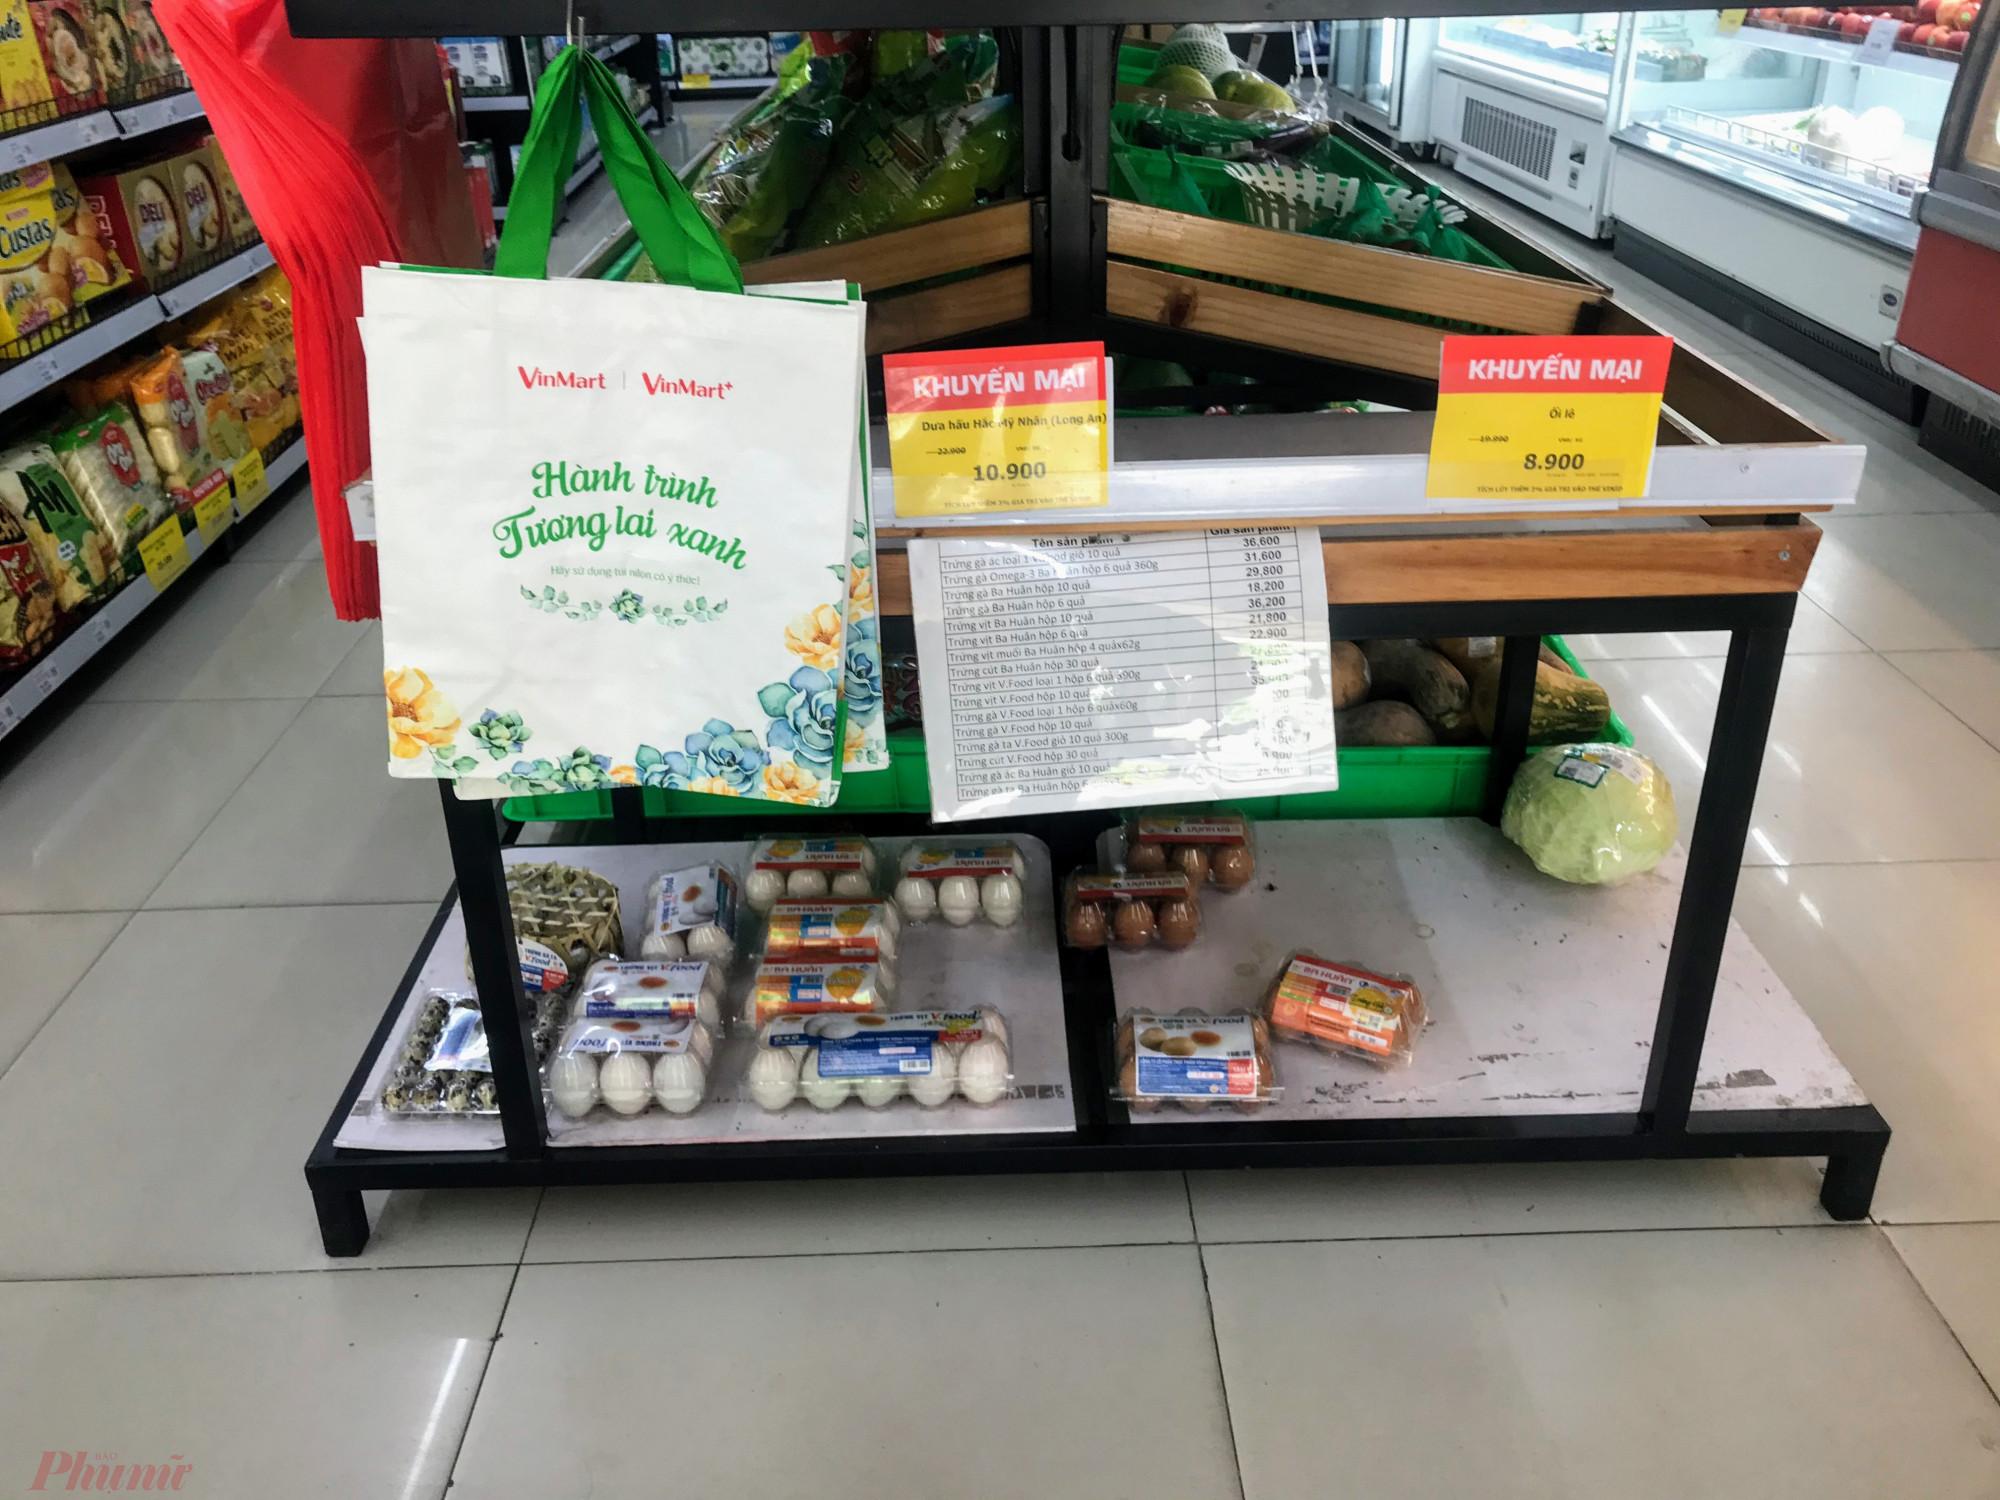 """Ngược lại với các siêu thị lớn, một số hệ thống các cửa hàng tiện lợi, siêu thị nhỏ có cung cấp các loại thực phẩm, hàng tương sống như Vinmart theo ghi nhận của phóng viên trong hôm nay (5/2) hàng hoá khá khiêm tốn, tại Vinmart khu vực cầu Hoàng Hoa Thám (quận 1) rau, củ vẫn còn nghèo nàn. Còn tại một Vinmart tại phường 27, cũng chung """"hoàn cảnh"""" tại đây nhóm trứng được dán bảng hơn chục loại, nhưng mỗi loại còn 1 vài vĩ."""